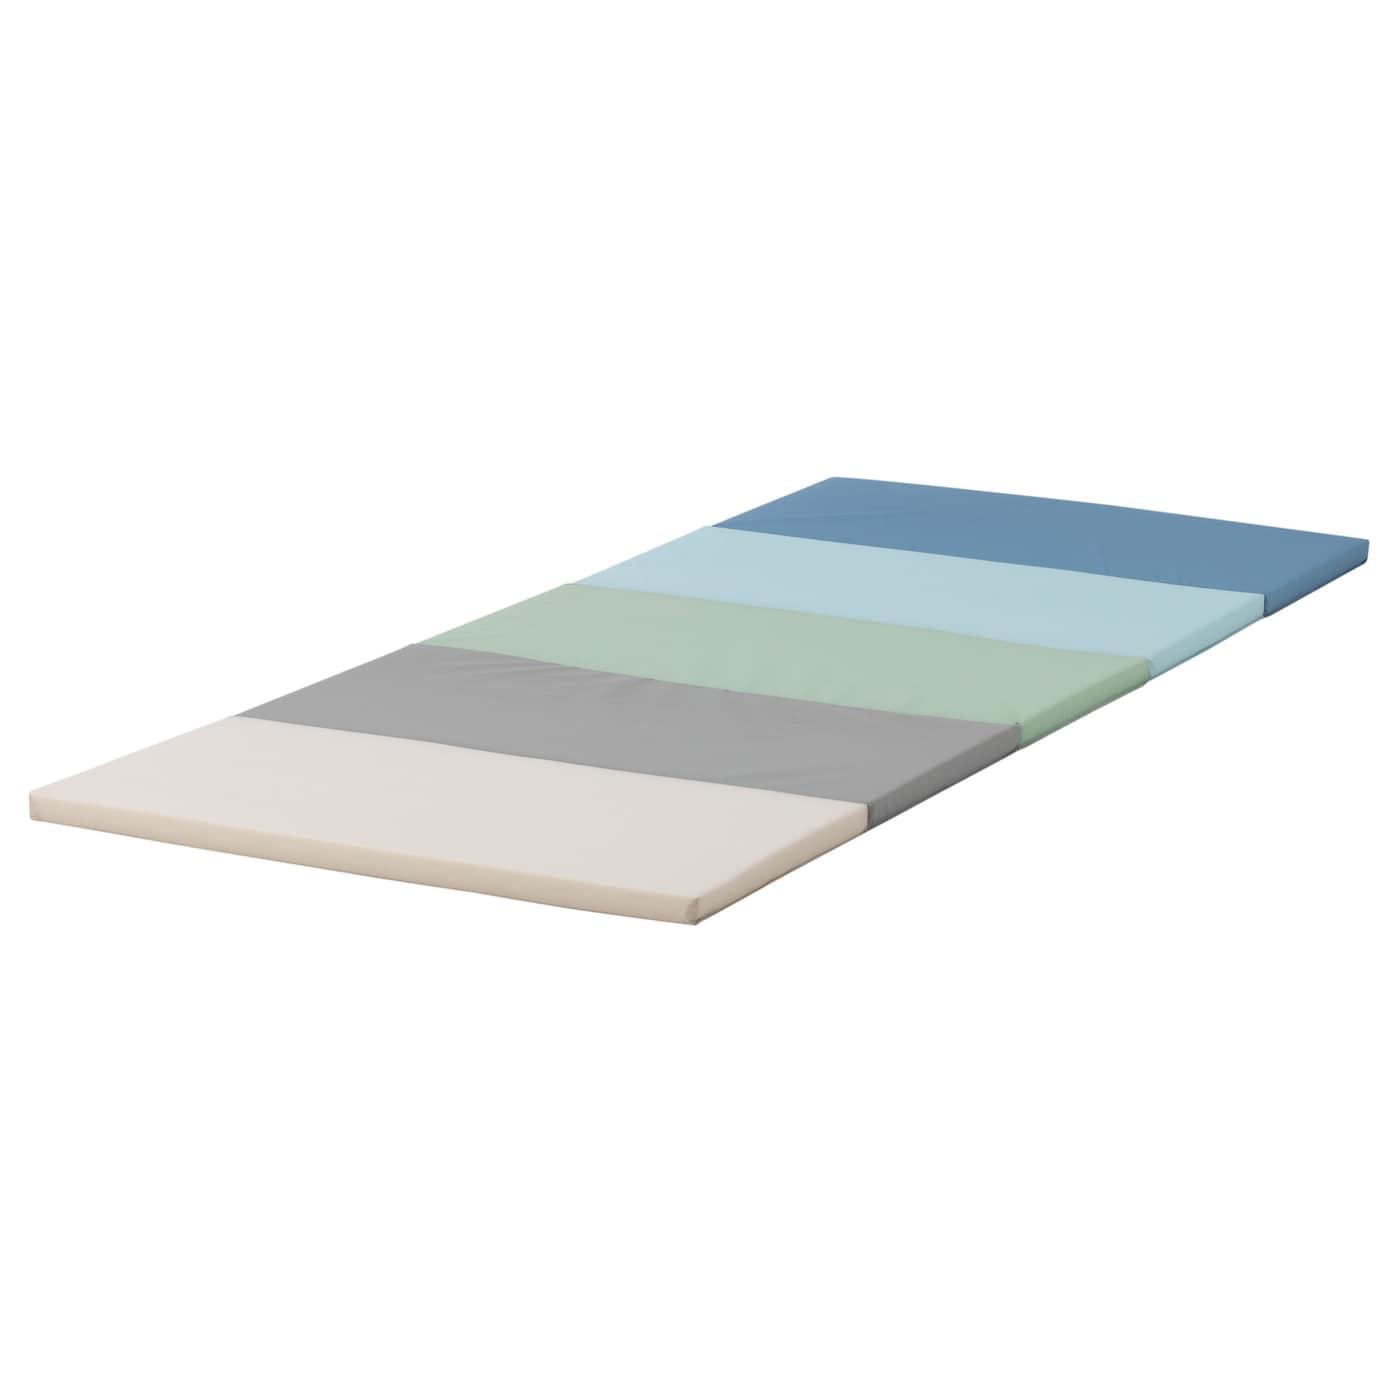 PLUFSIG Tapis de gymnastique pliant - bleu 8x8 cm